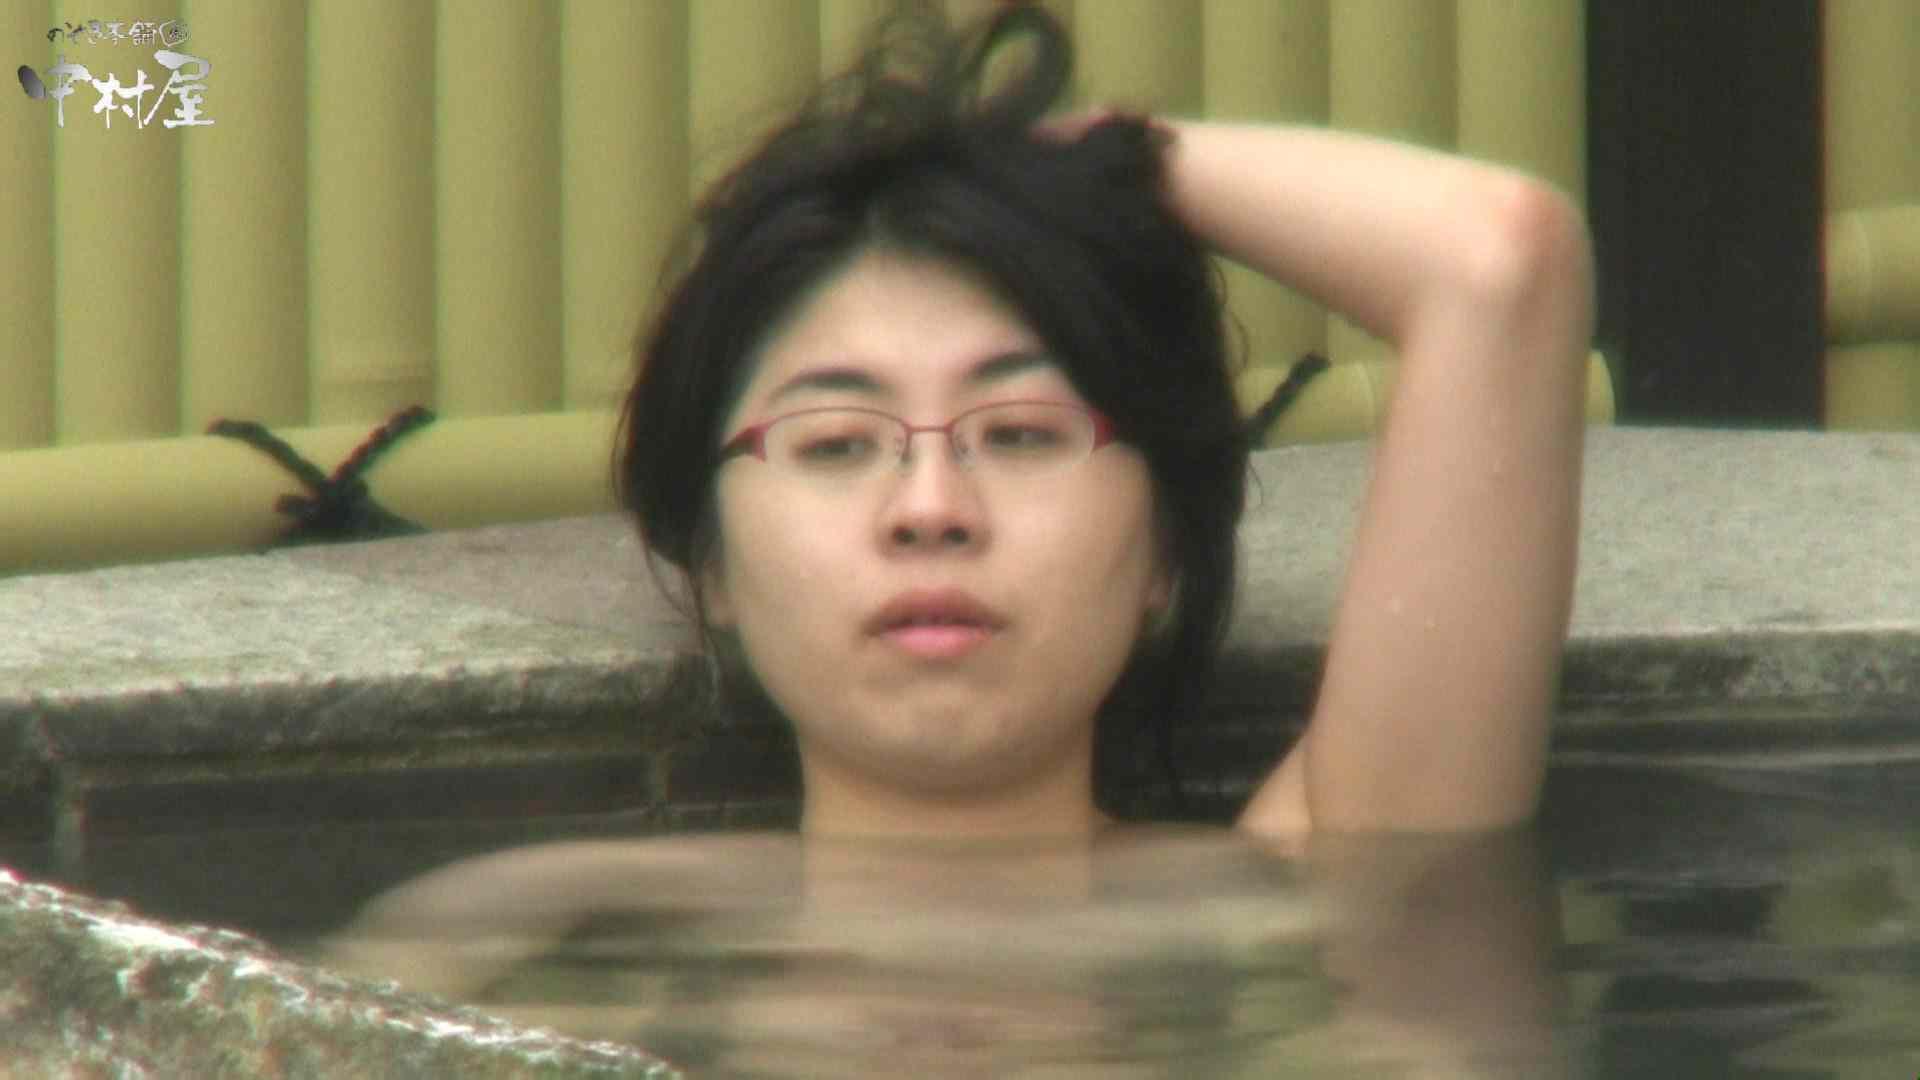 Aquaな露天風呂Vol.947 OLハメ撮り  61Pix 31